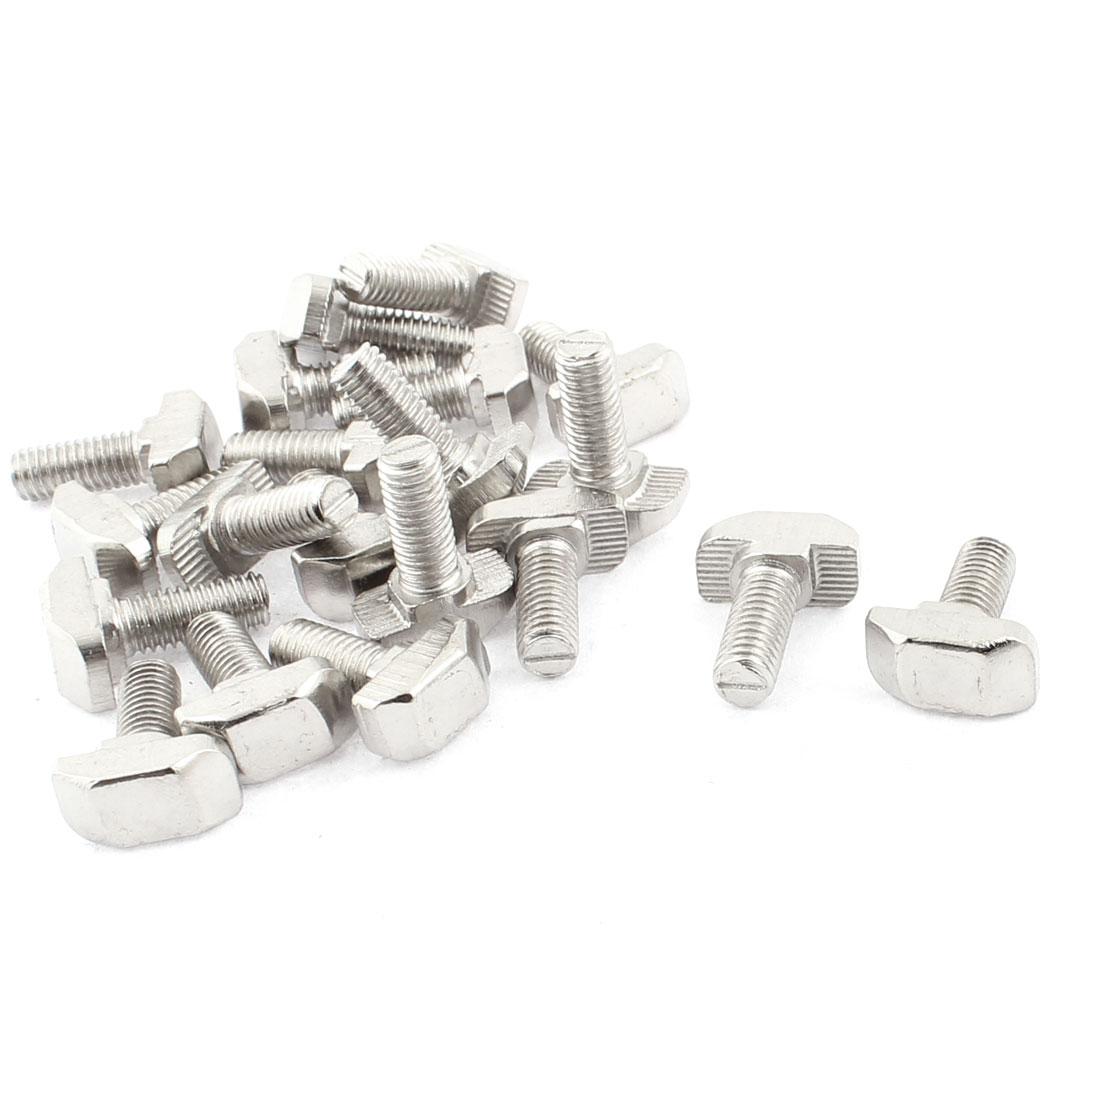 M6 x 16mm Metal T Slot Drop-in Stud Sliding Bolt Screw Silver Tone 20pcs